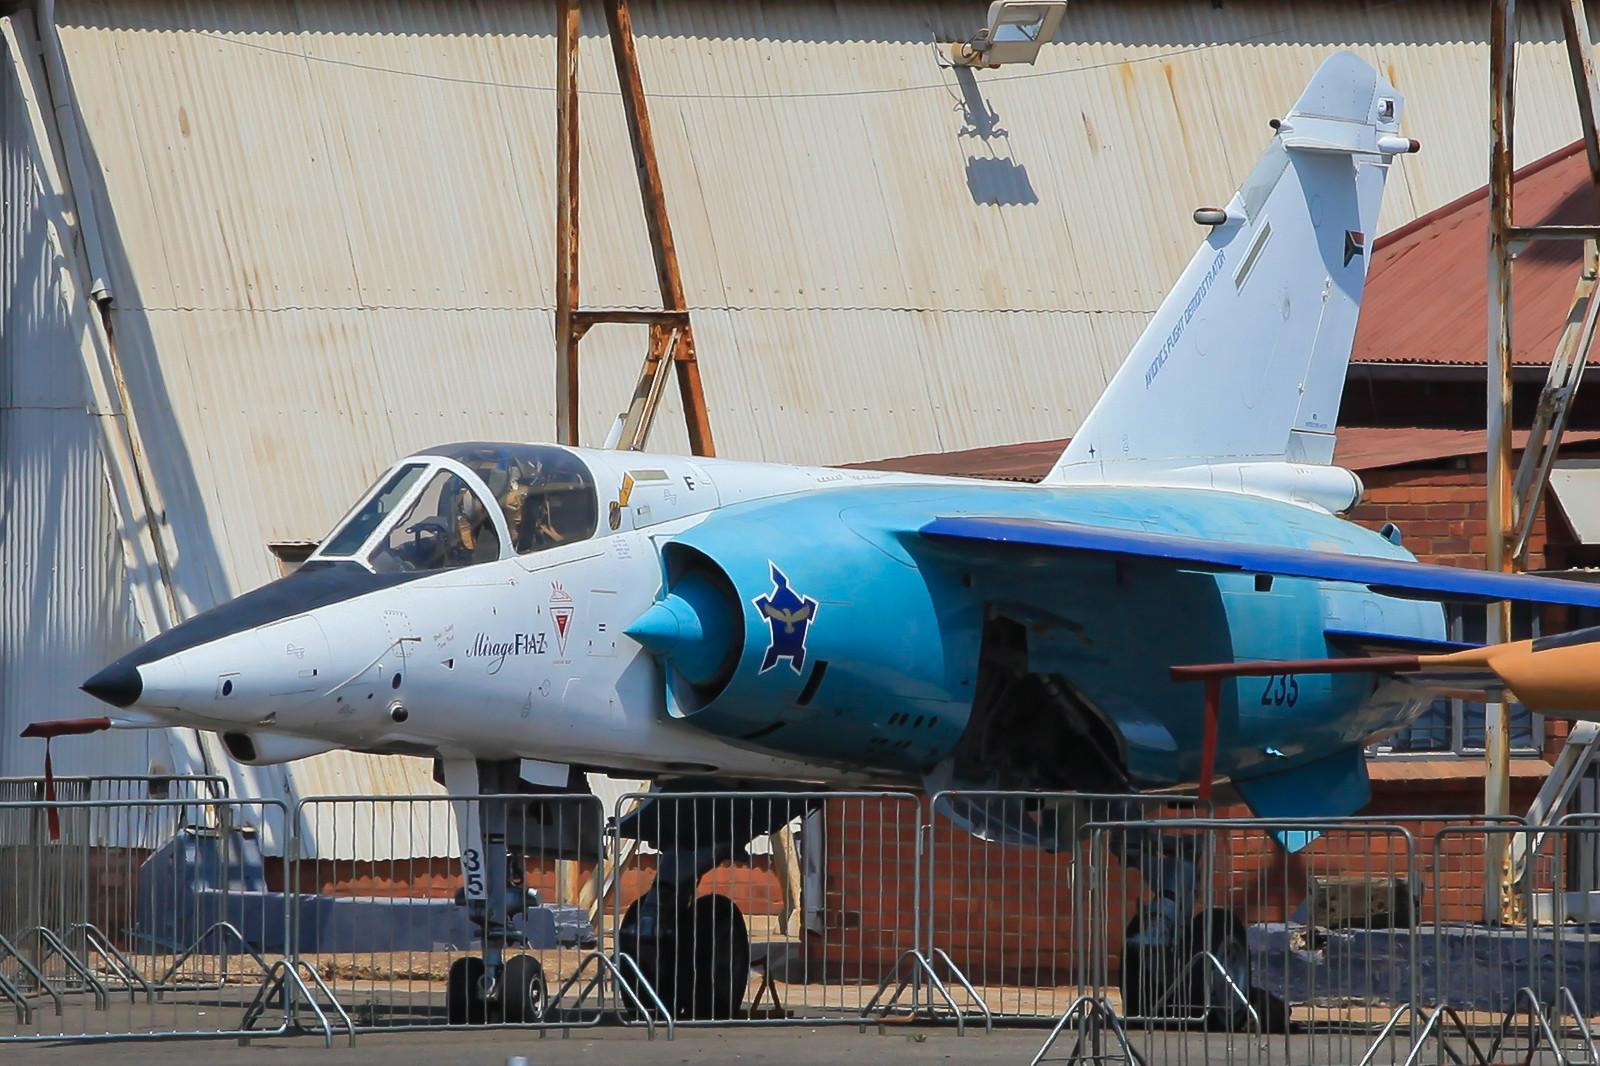 """Die """"235"""" im Aussengelände des Museums, sie war eine Mirage F-1AZ."""